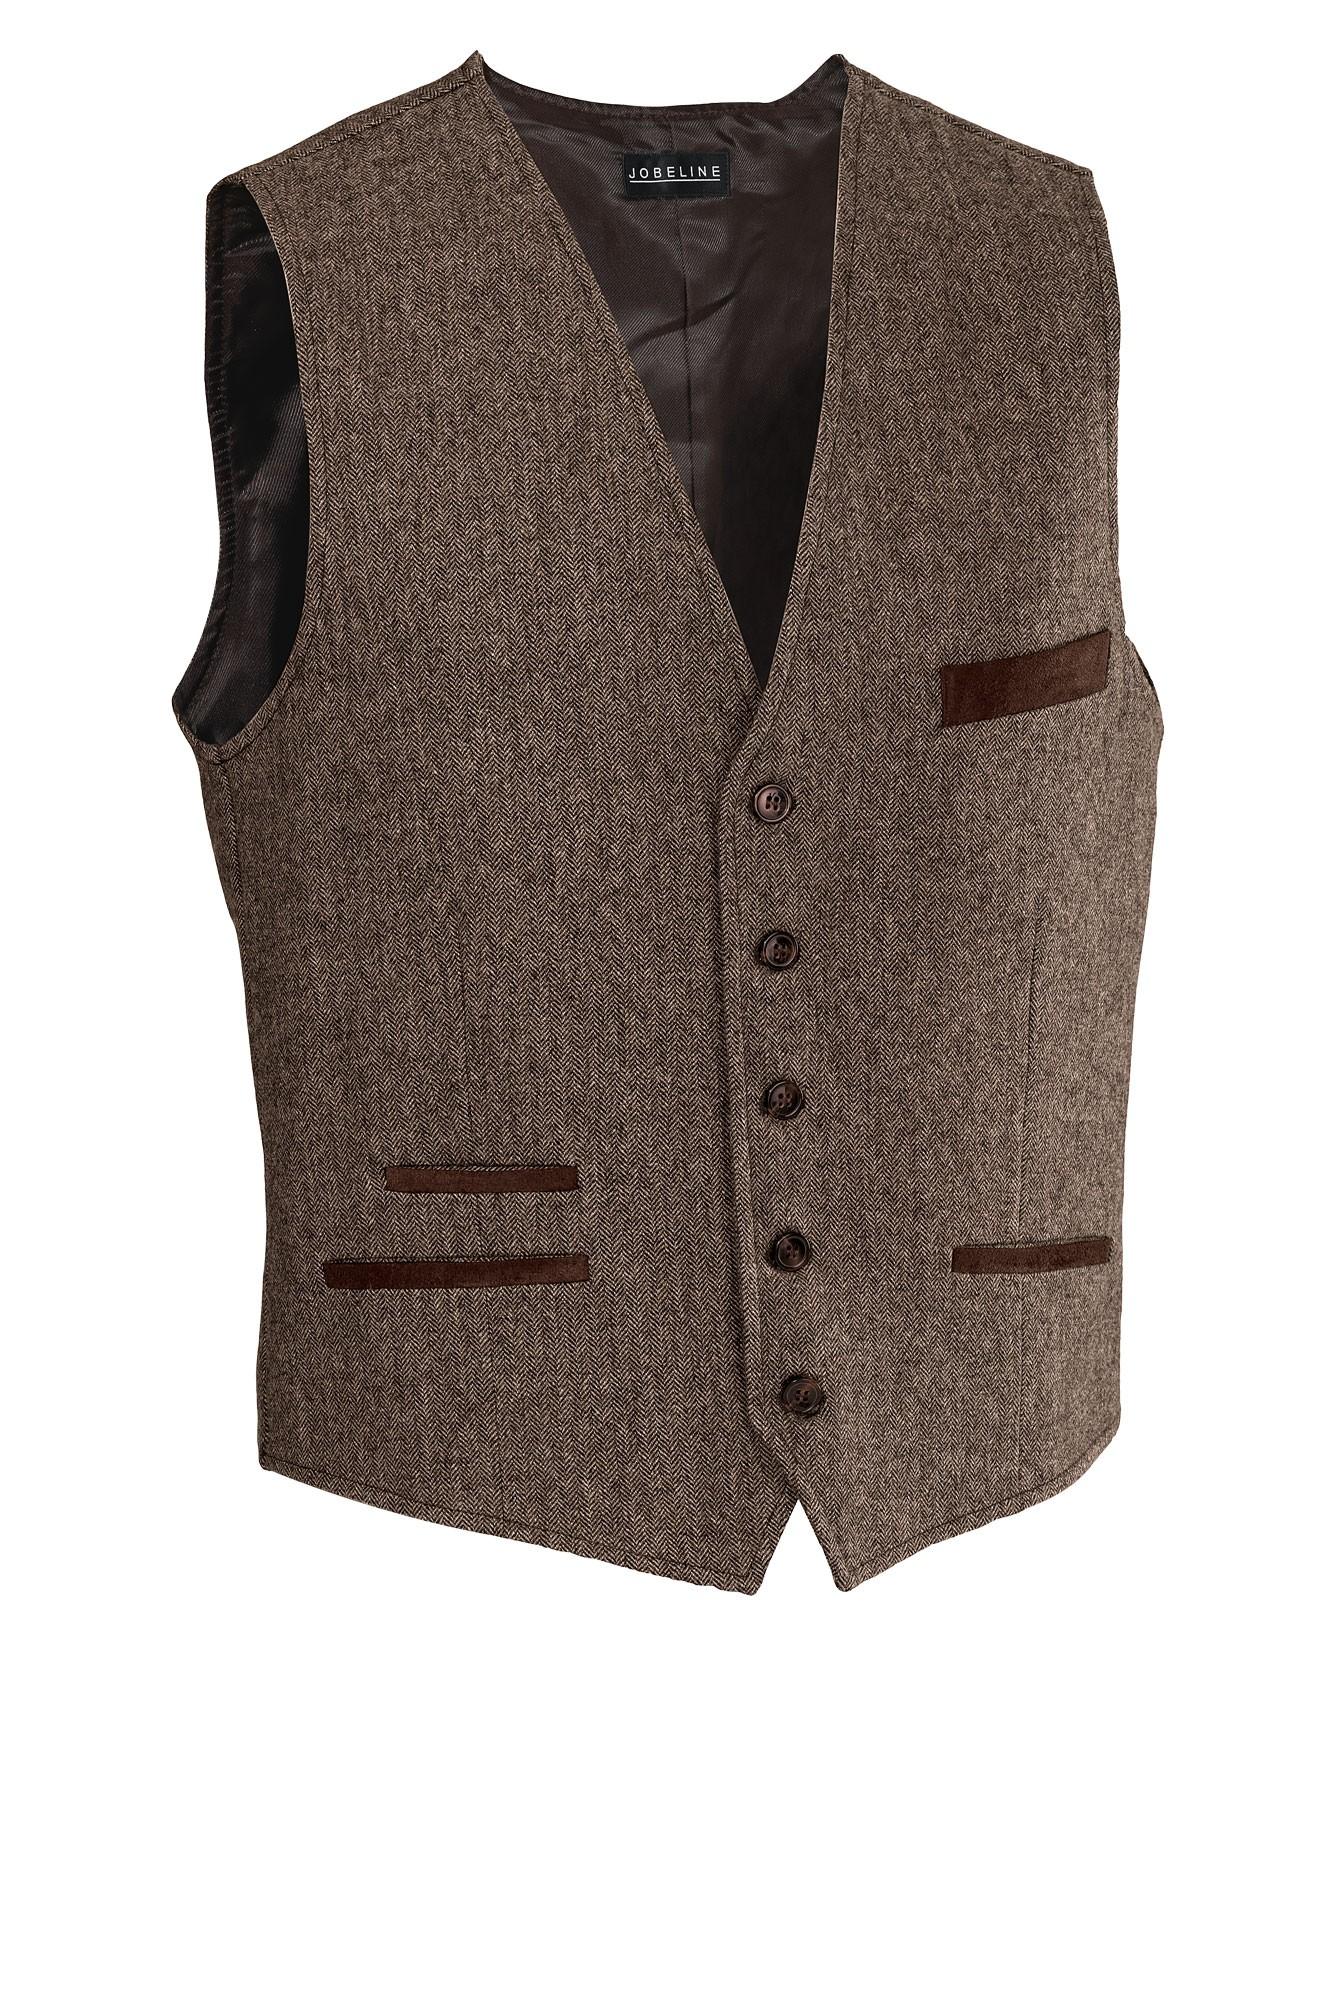 Pánská vesta Austin- hnědá rybí kost